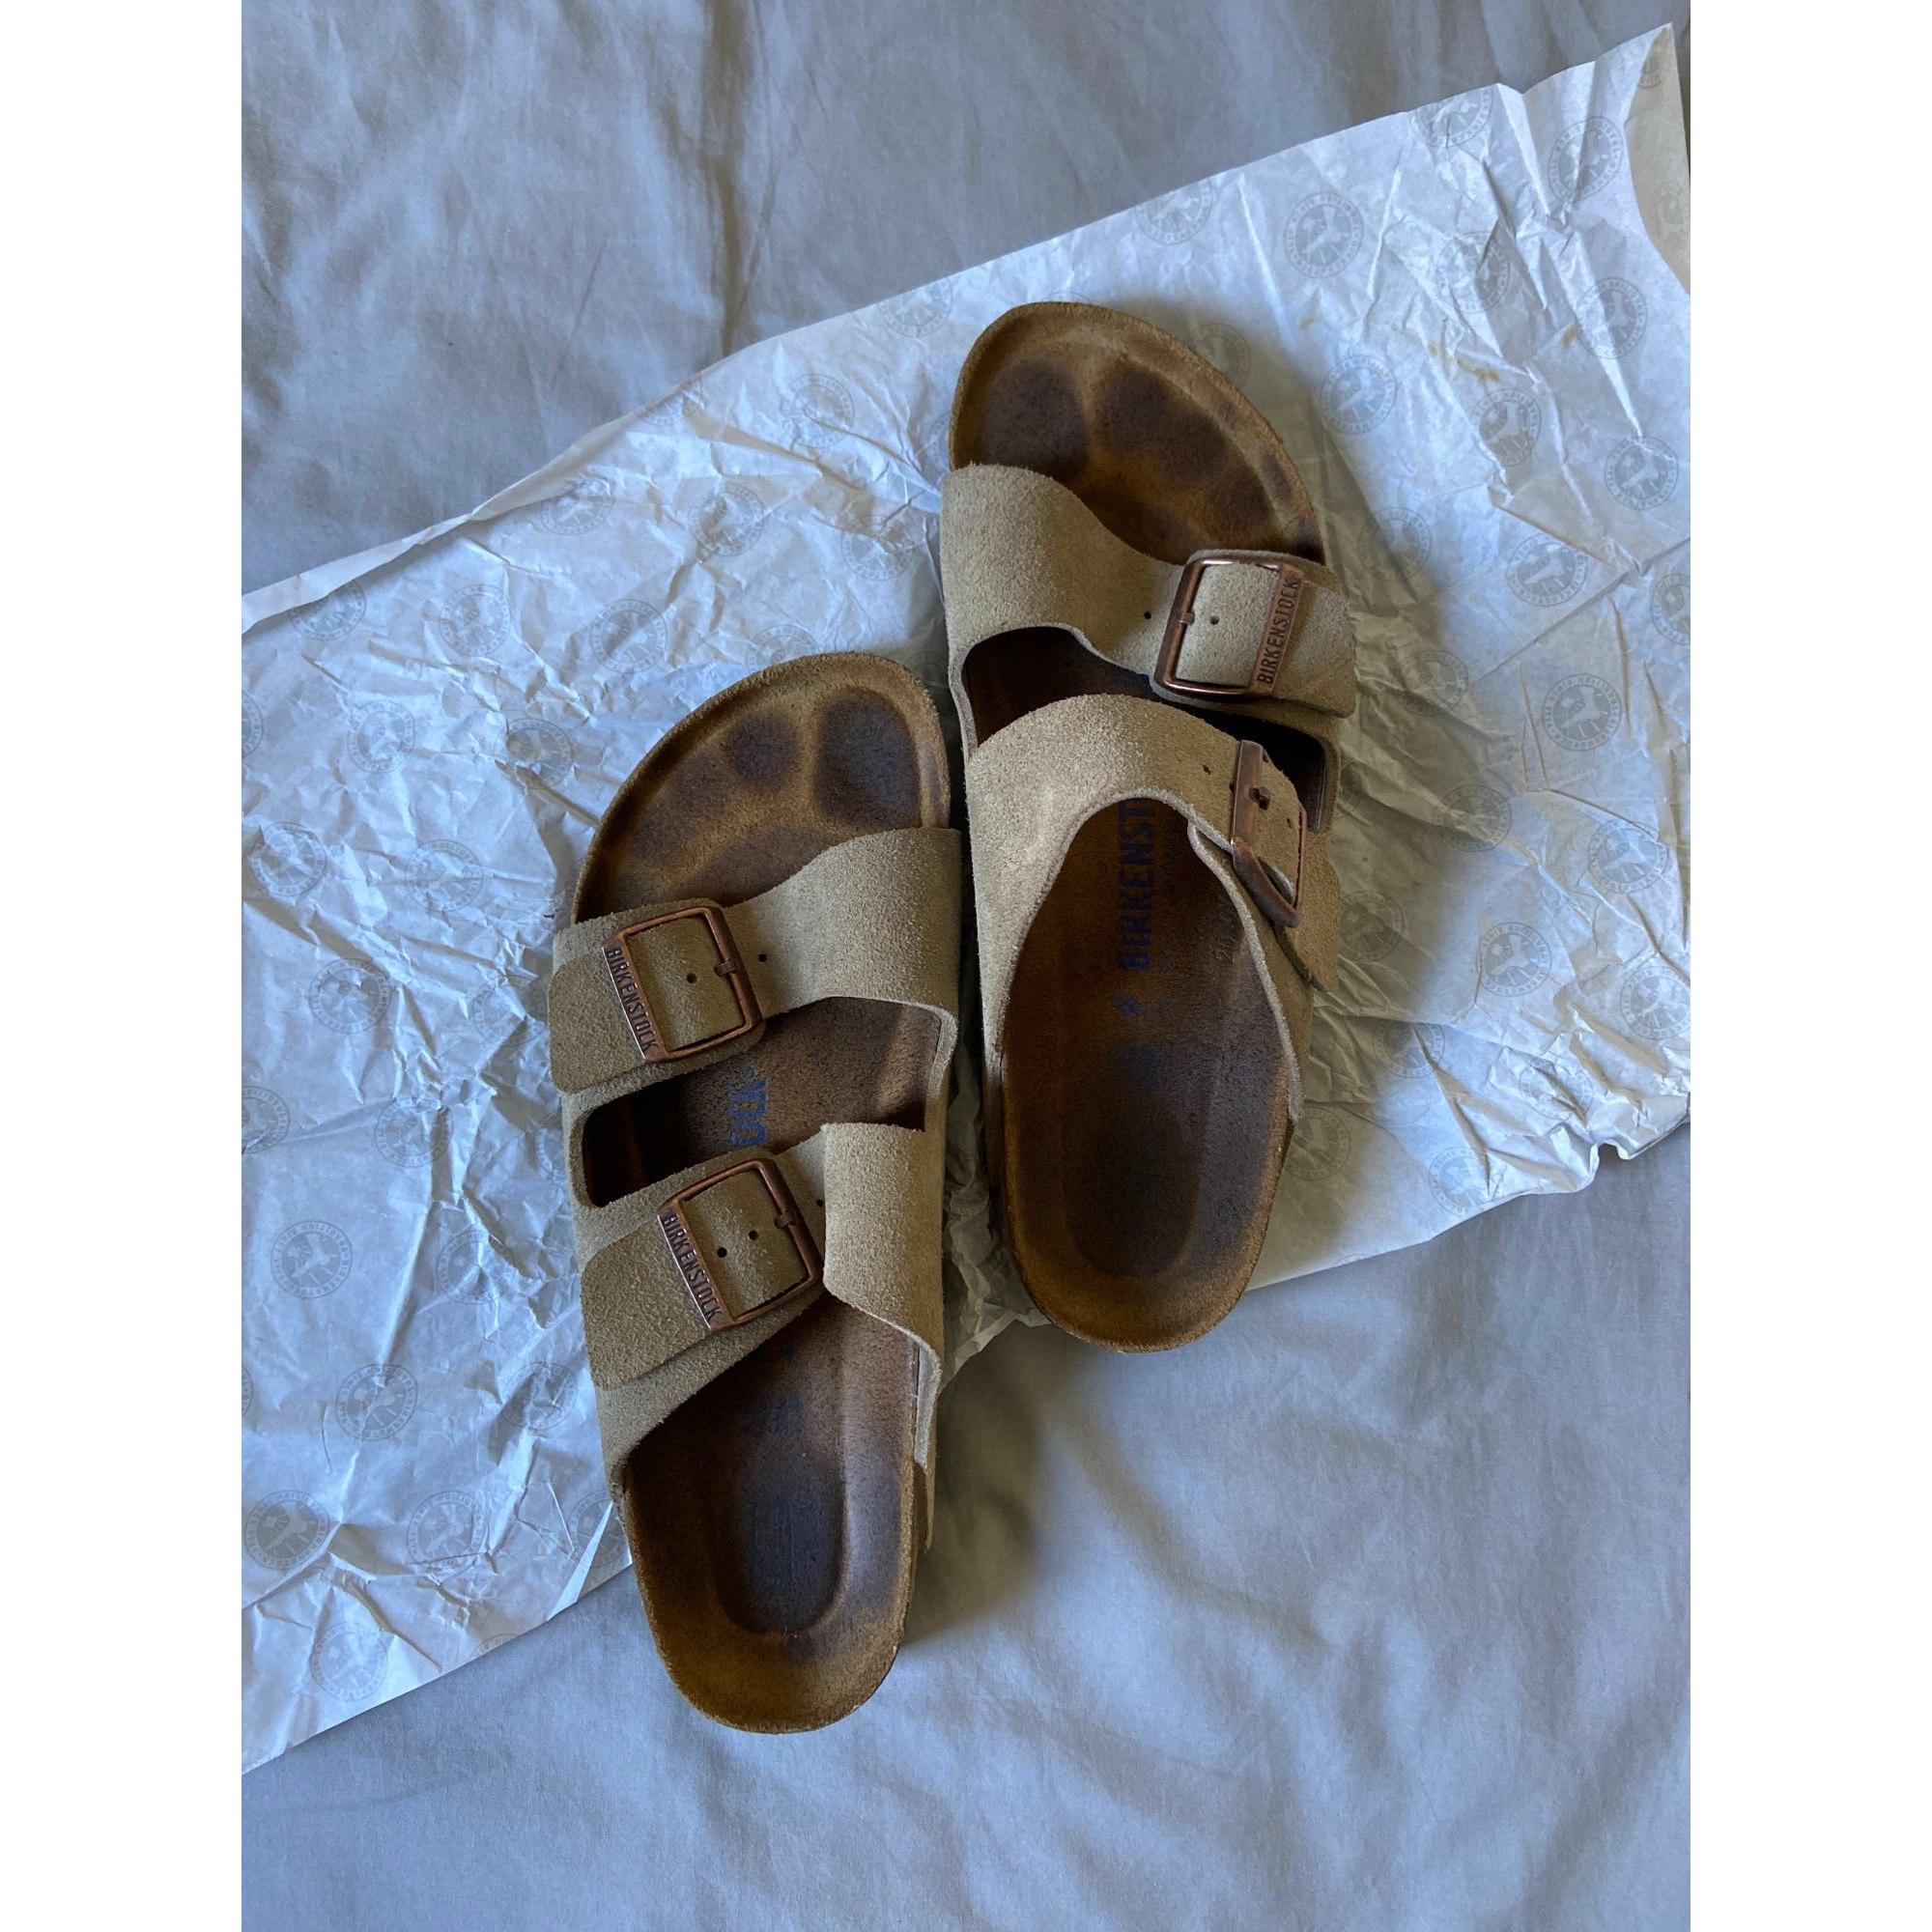 Sandals BIRKENSTOCK Beige, camel